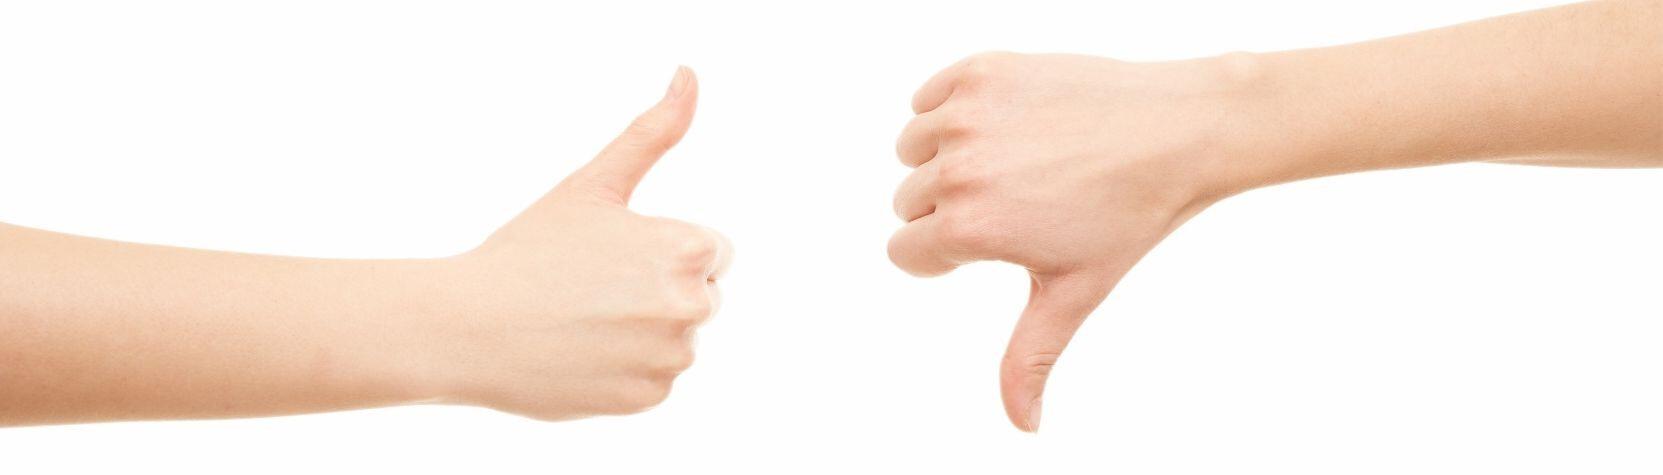 Vds training consultants blog verhelderen verbeteren verdiepen van samenwerkingsrelaties feedback